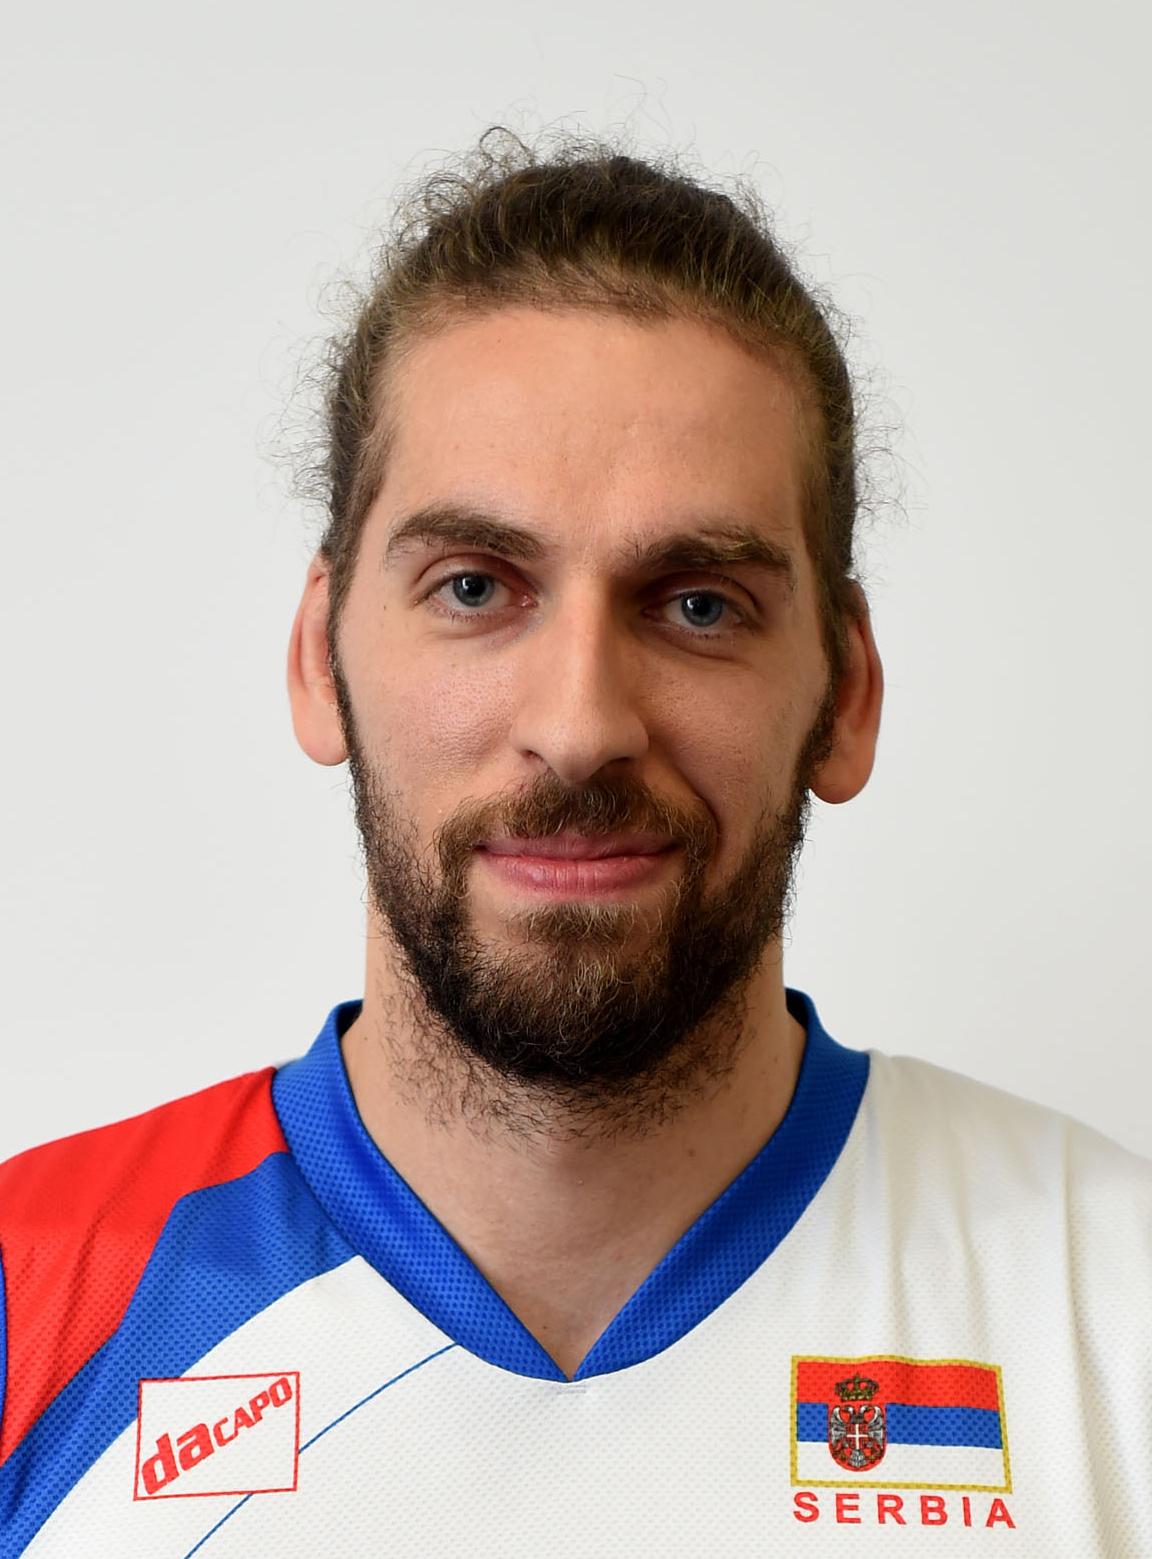 Tomislav Dokic